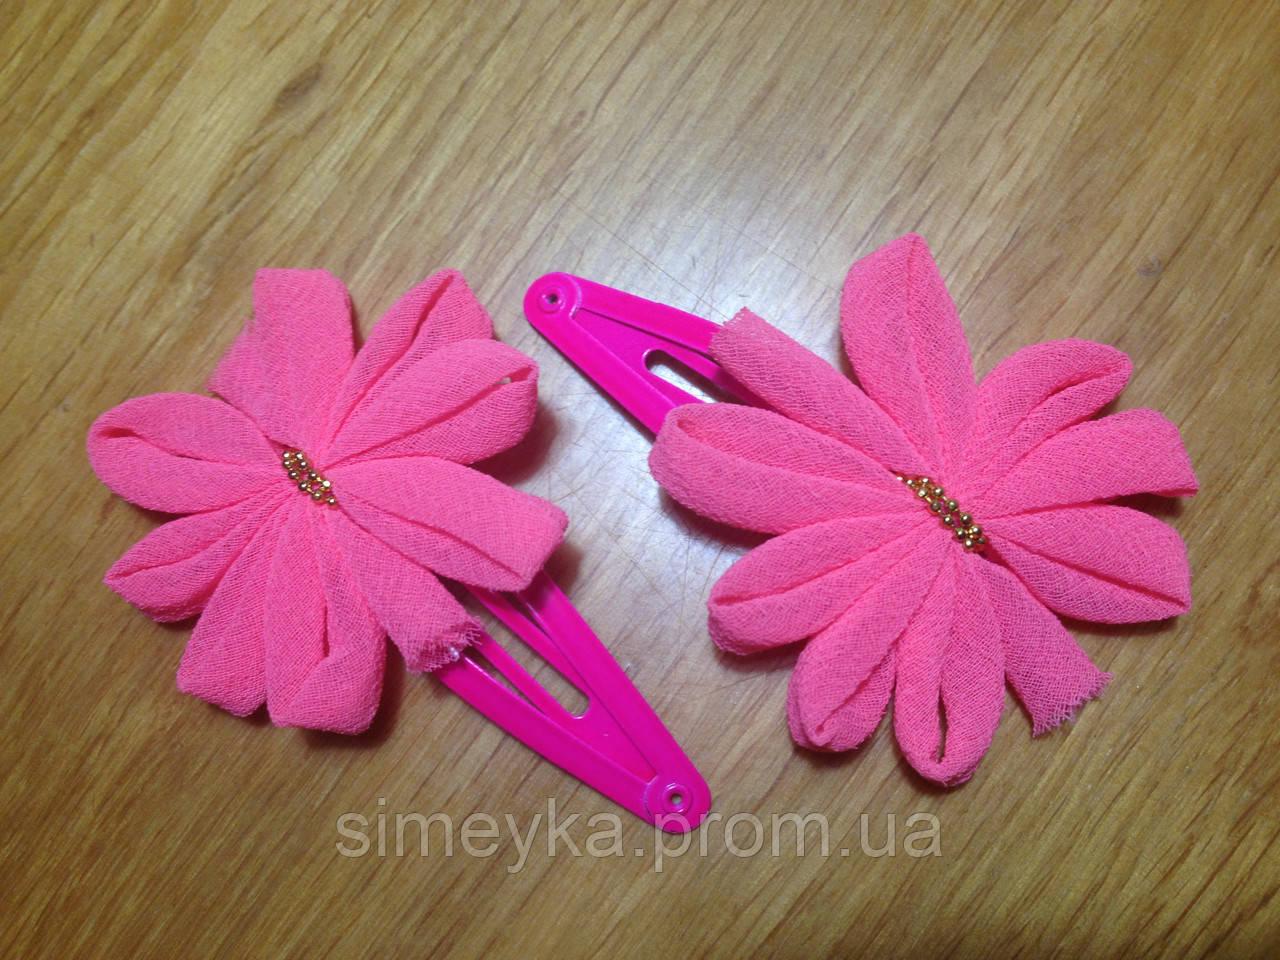 """Защёлка для волос """"тик-так"""" (клик-клак) с цветком, уп. 2 шт. (пара). Ярко-розовые (в реальности ярче)"""